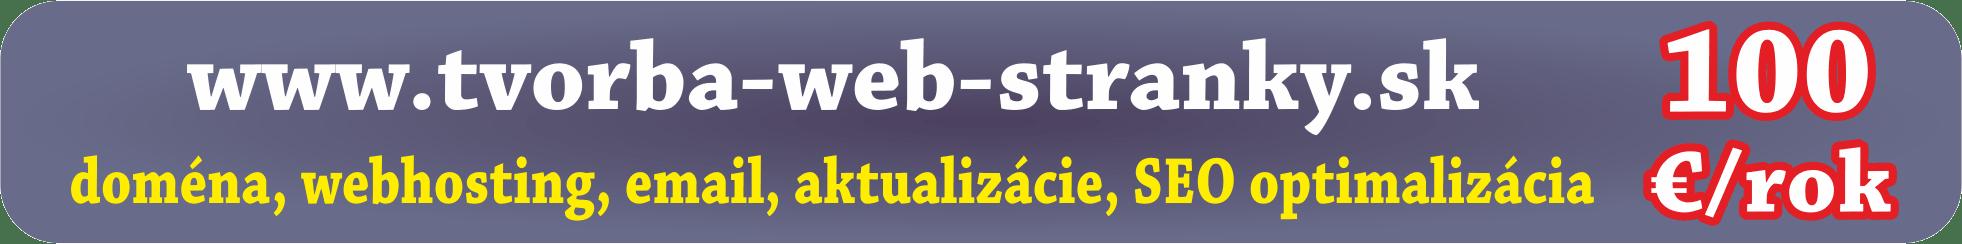 Tvorba web stránky Prešov